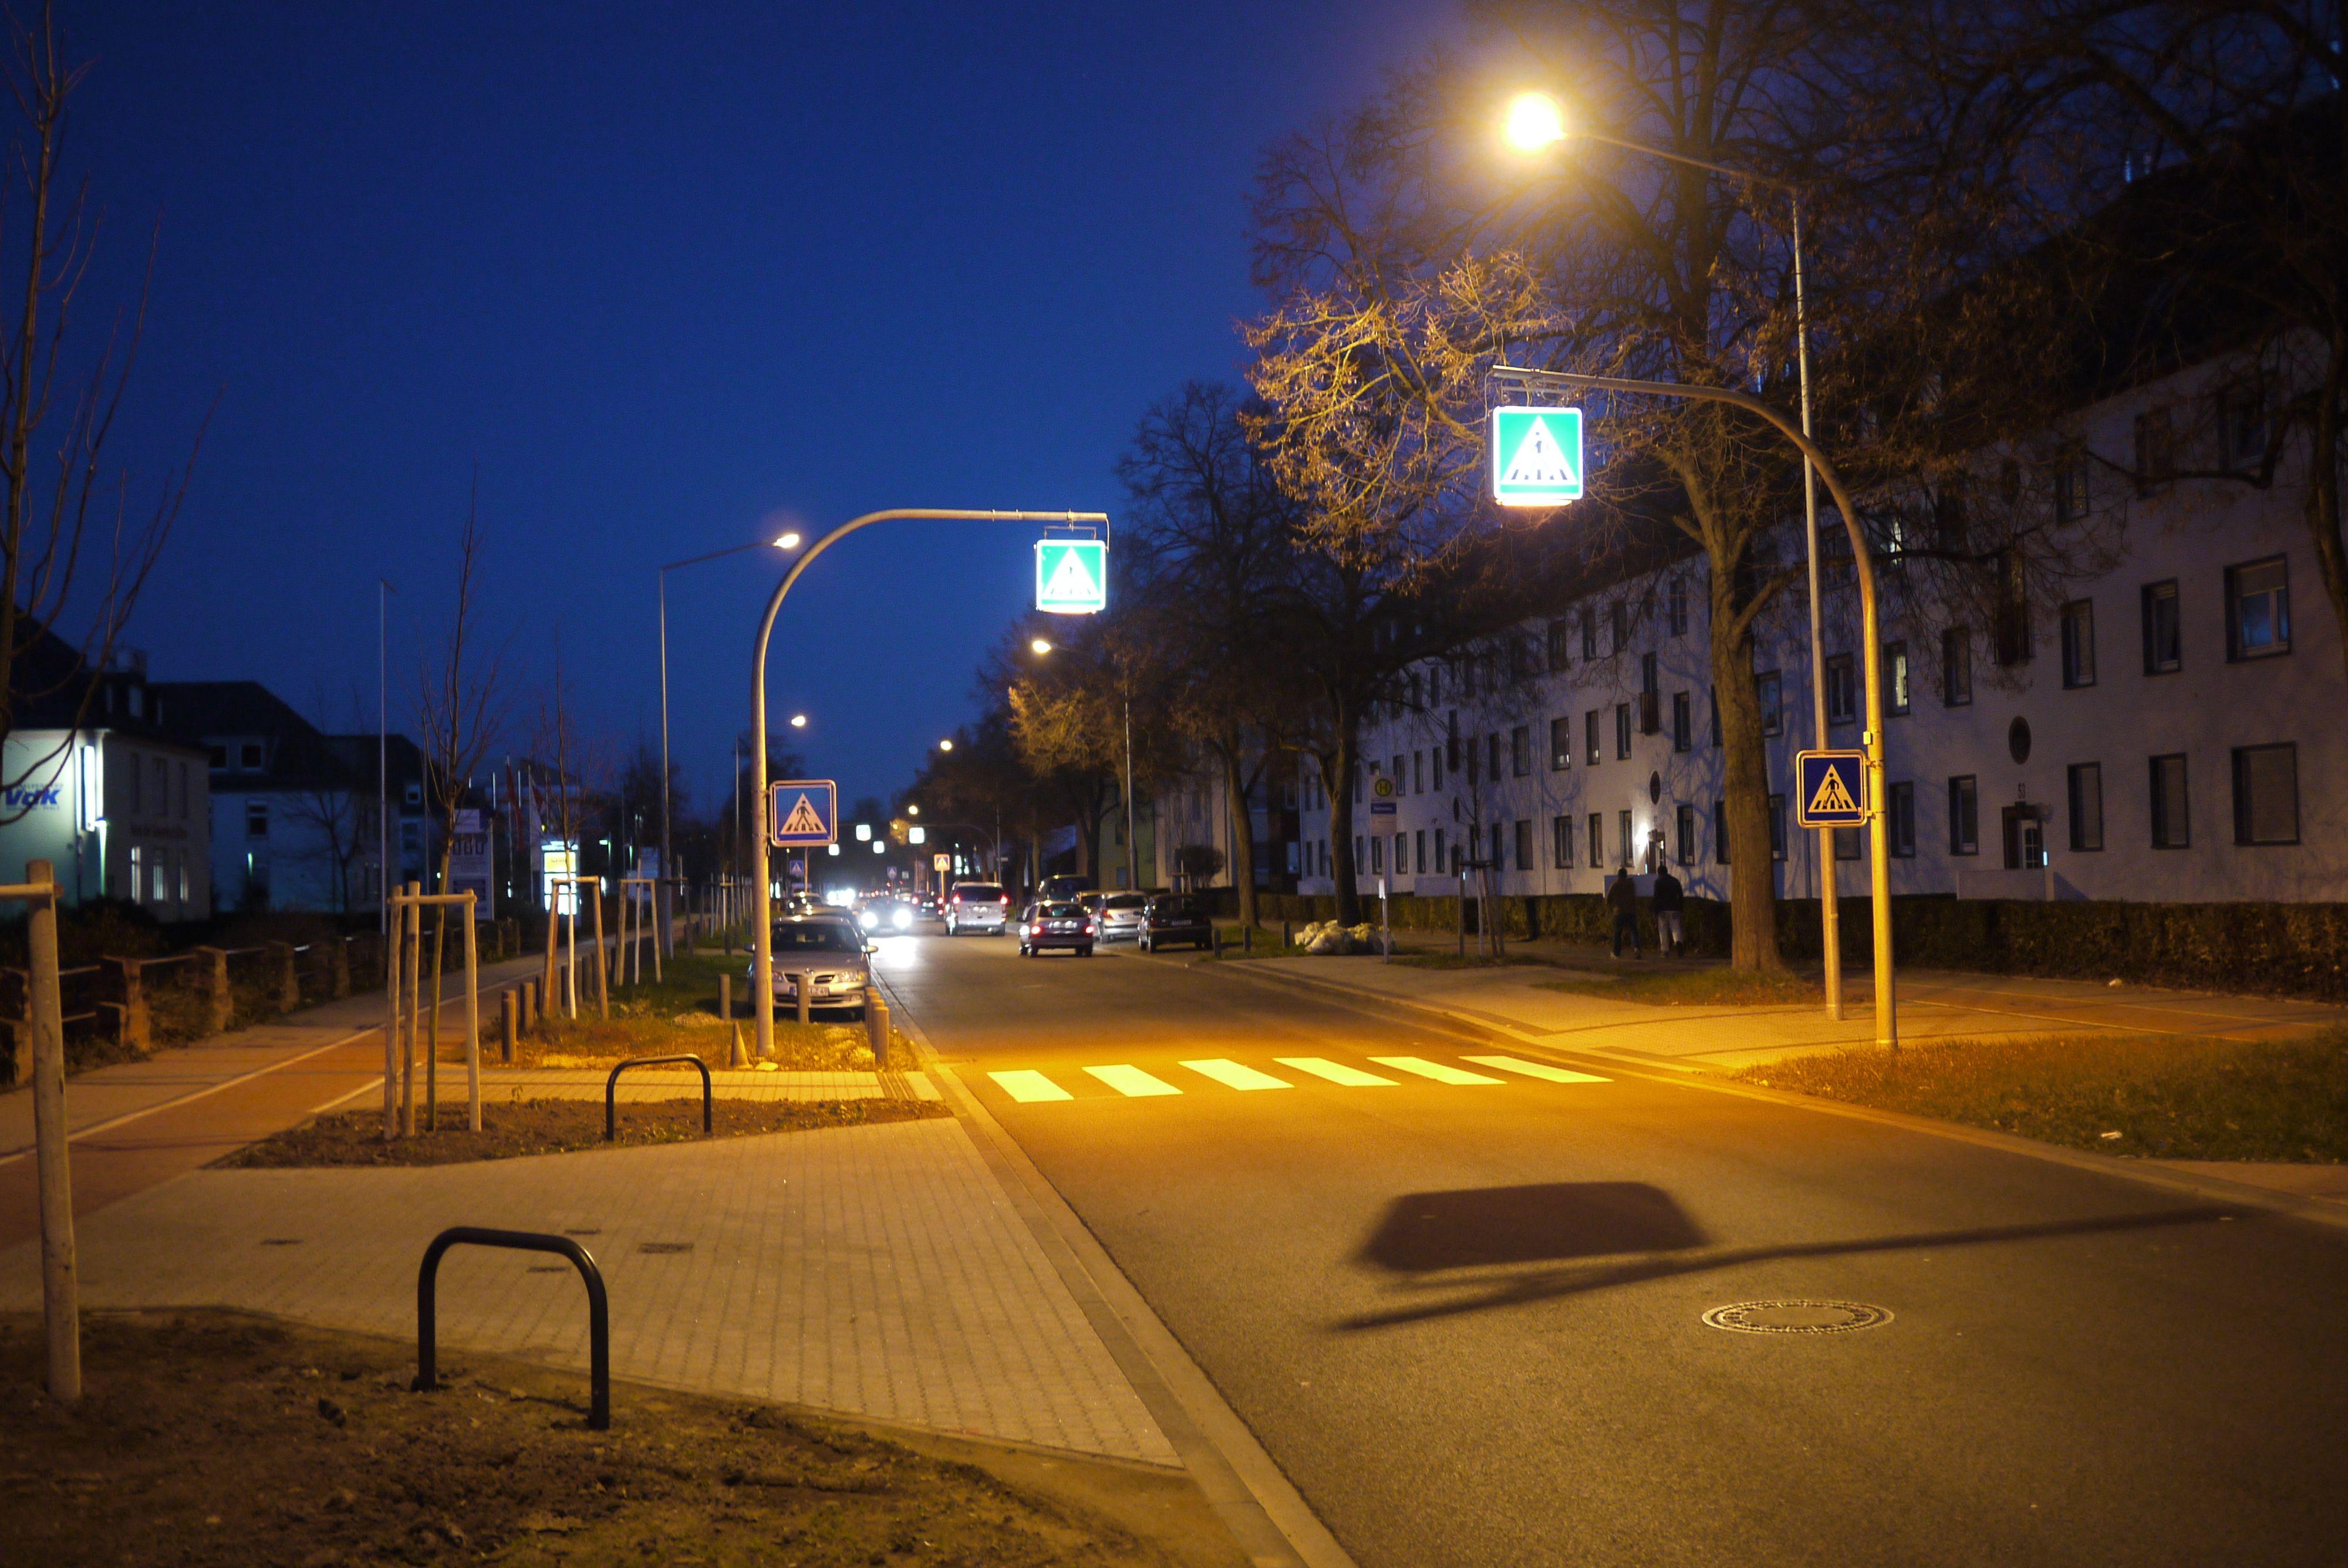 fußgängerüberweg beleuchtung tolle bild oder aebaadaca